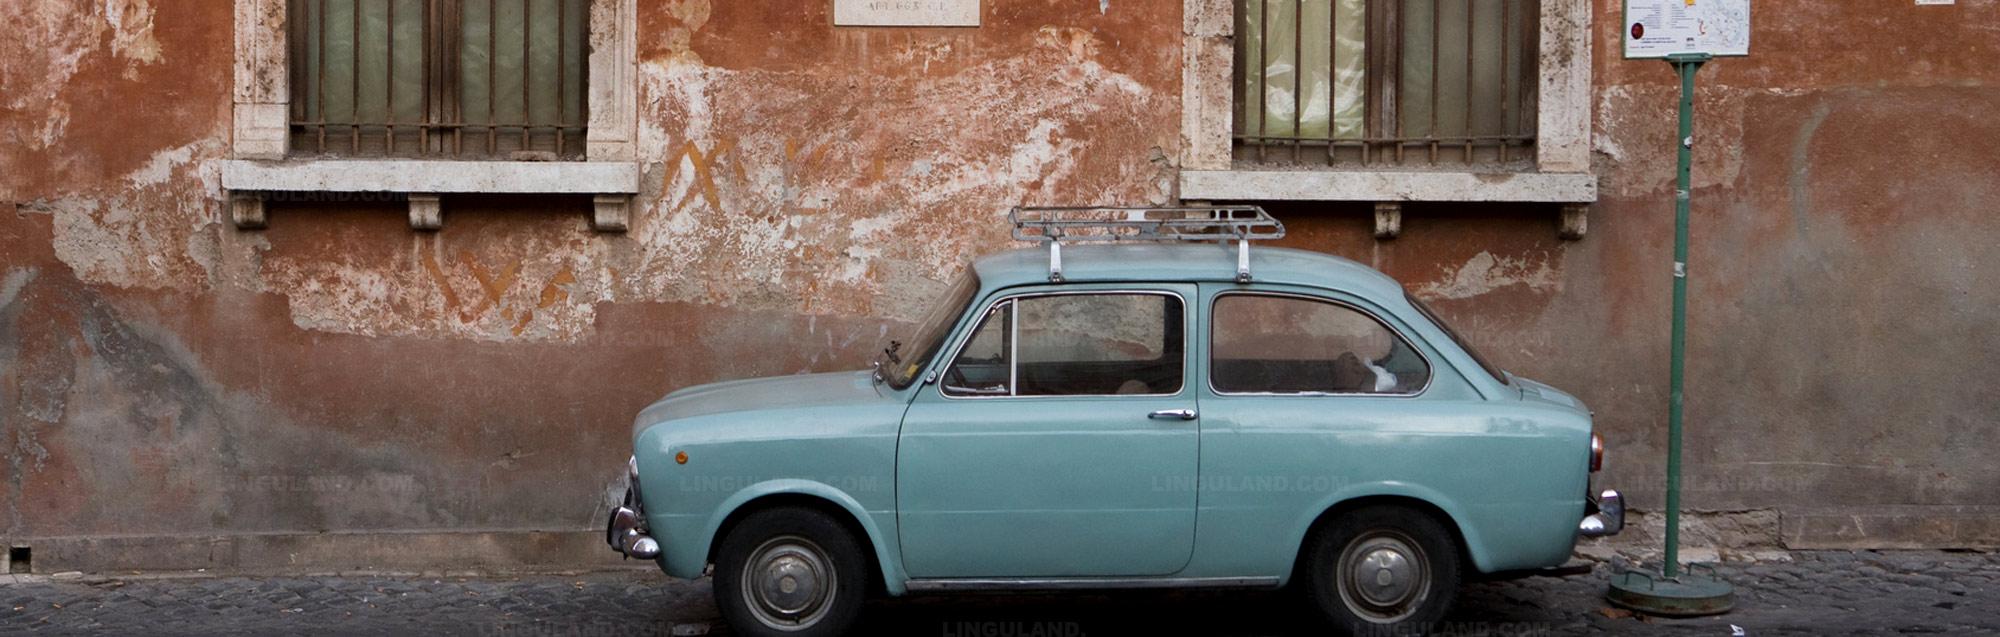 Aprender italiano: cursos de italiano en el extranjero